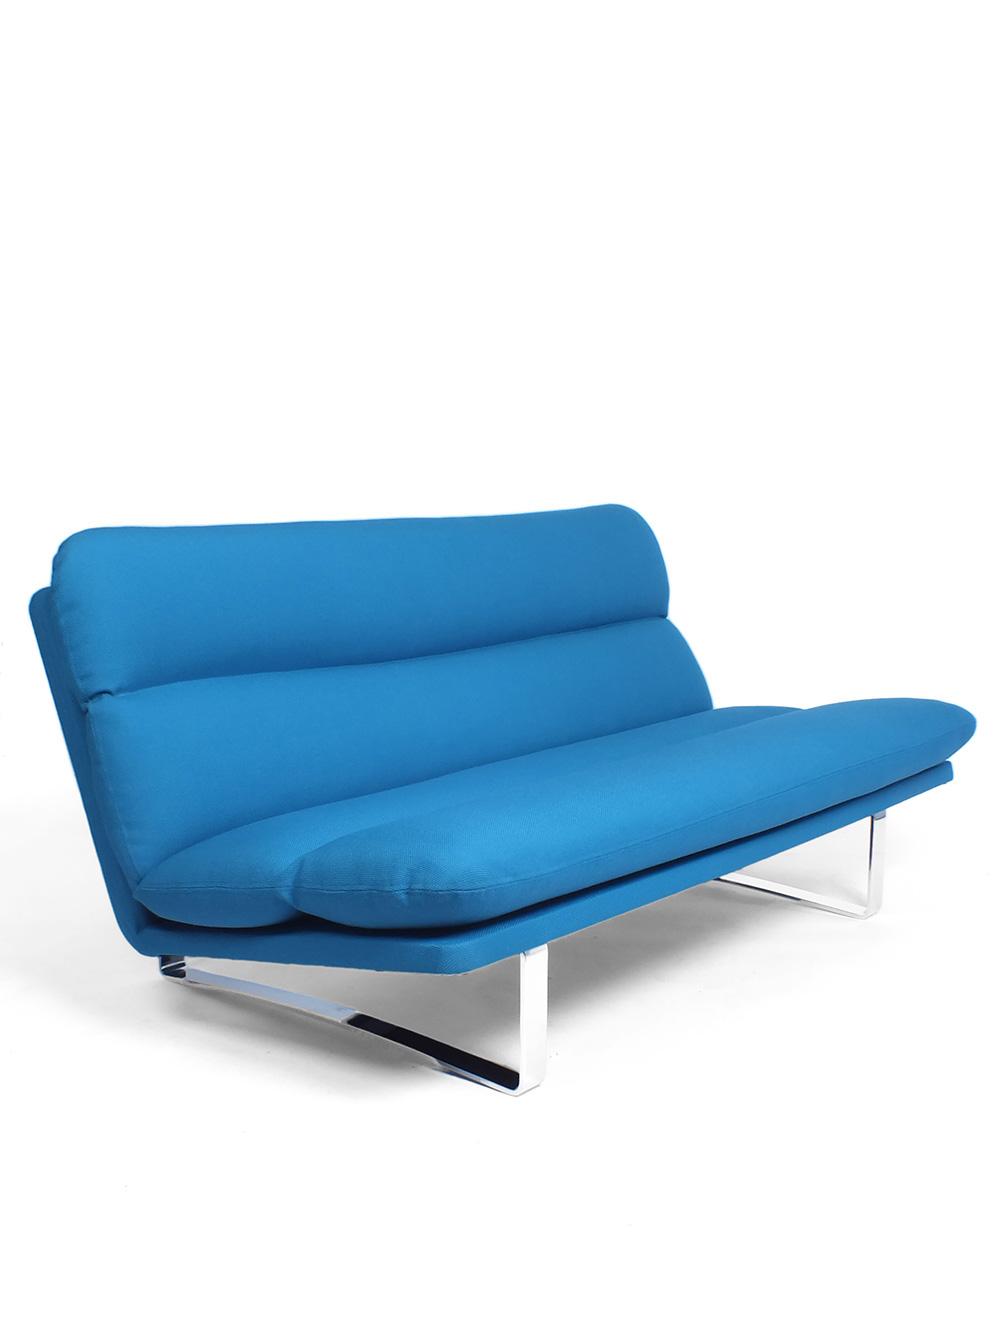 Kho Liang Ie Bank.Sofa Model C683 7 Kho Liang Ie Artifort